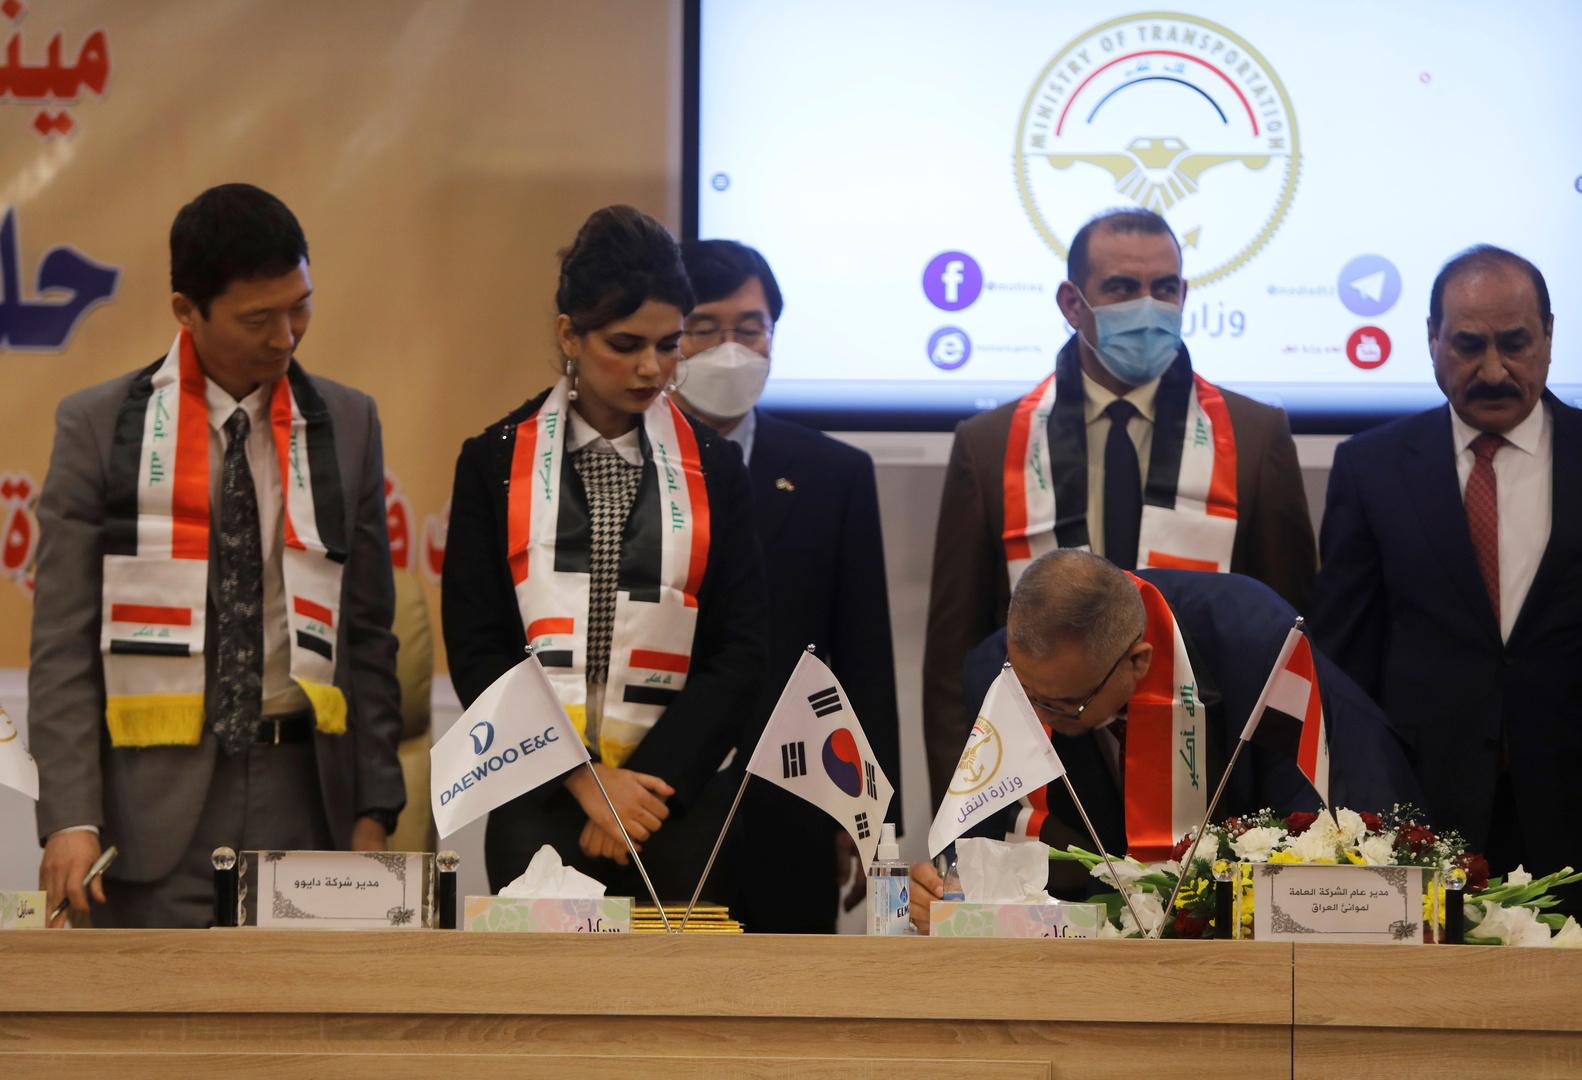 توقيع صفقة كورية جنوبية عراقية بـ 2,7 مليار دولار